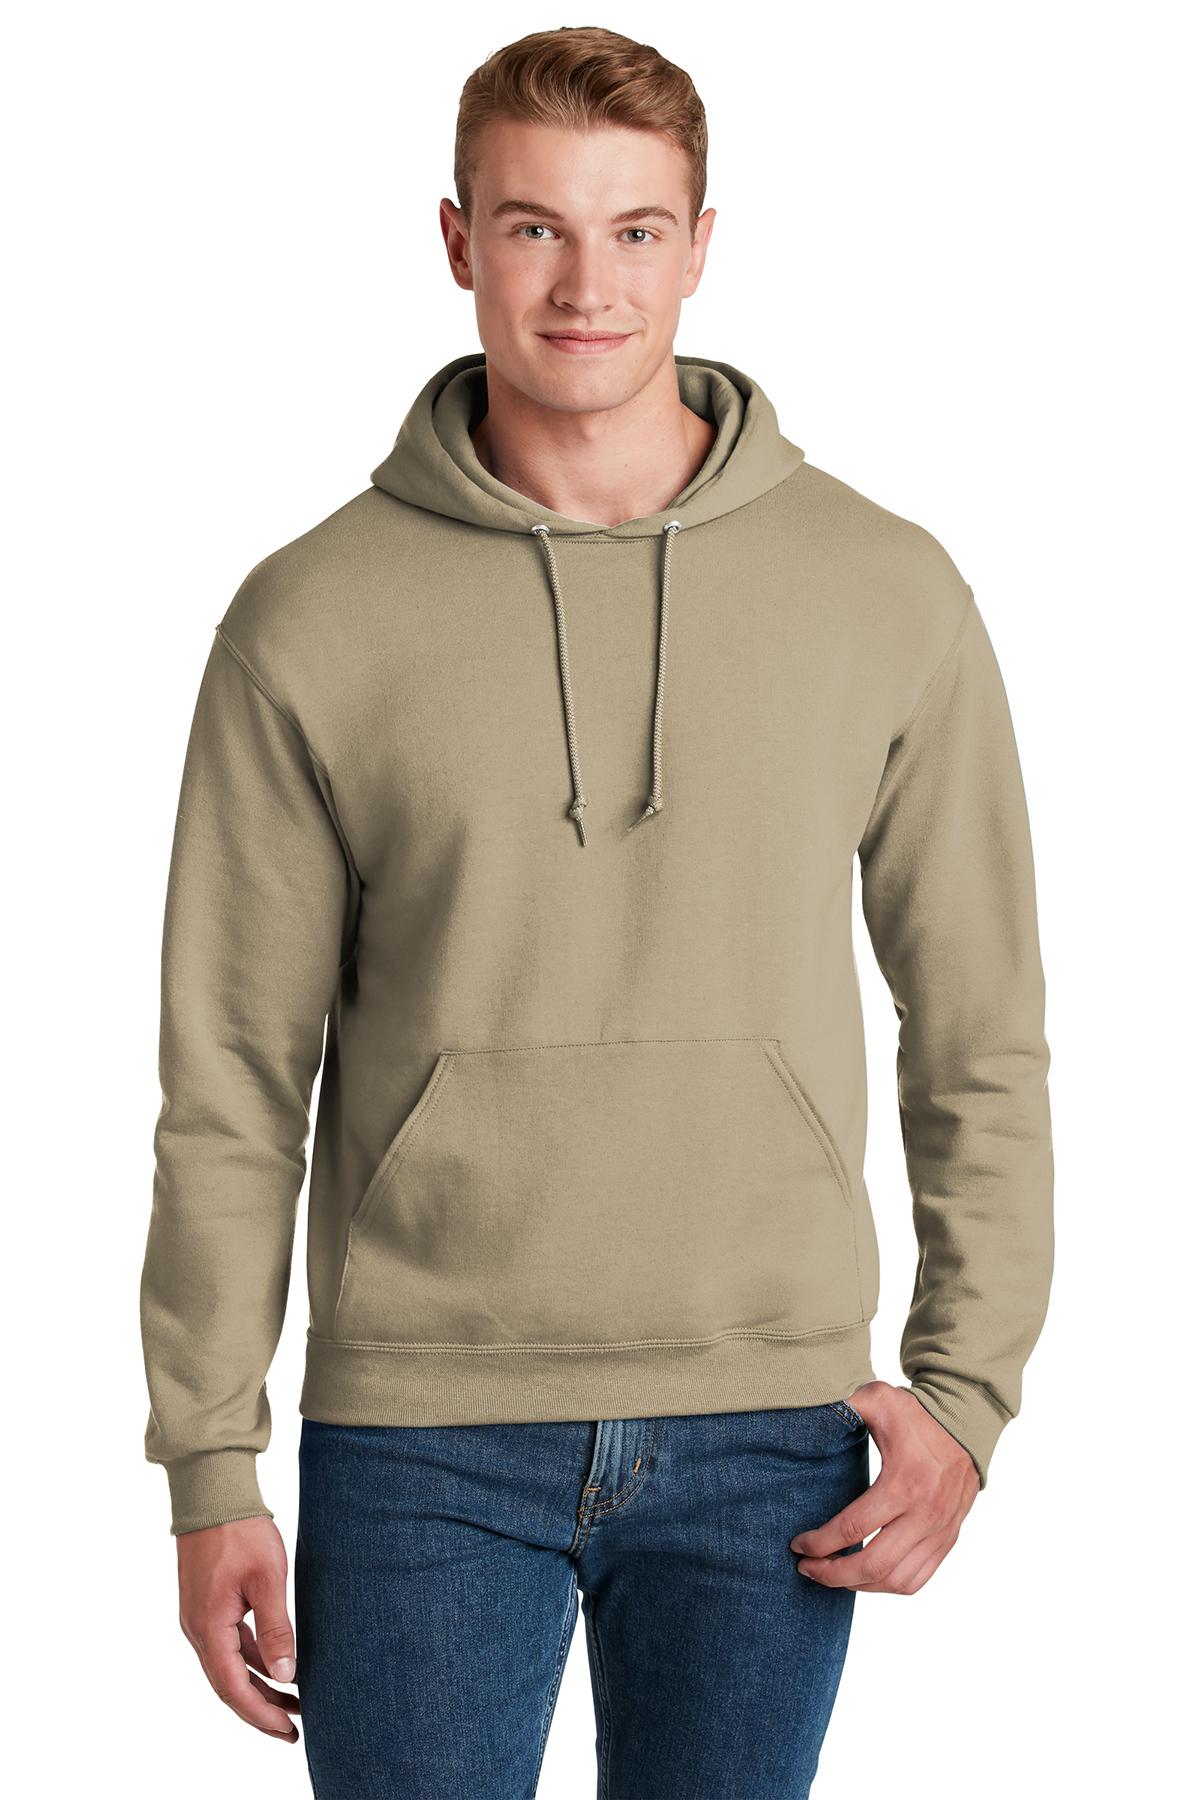 996M JERZEES NuBlend Pullover Hooded Sweatshirt